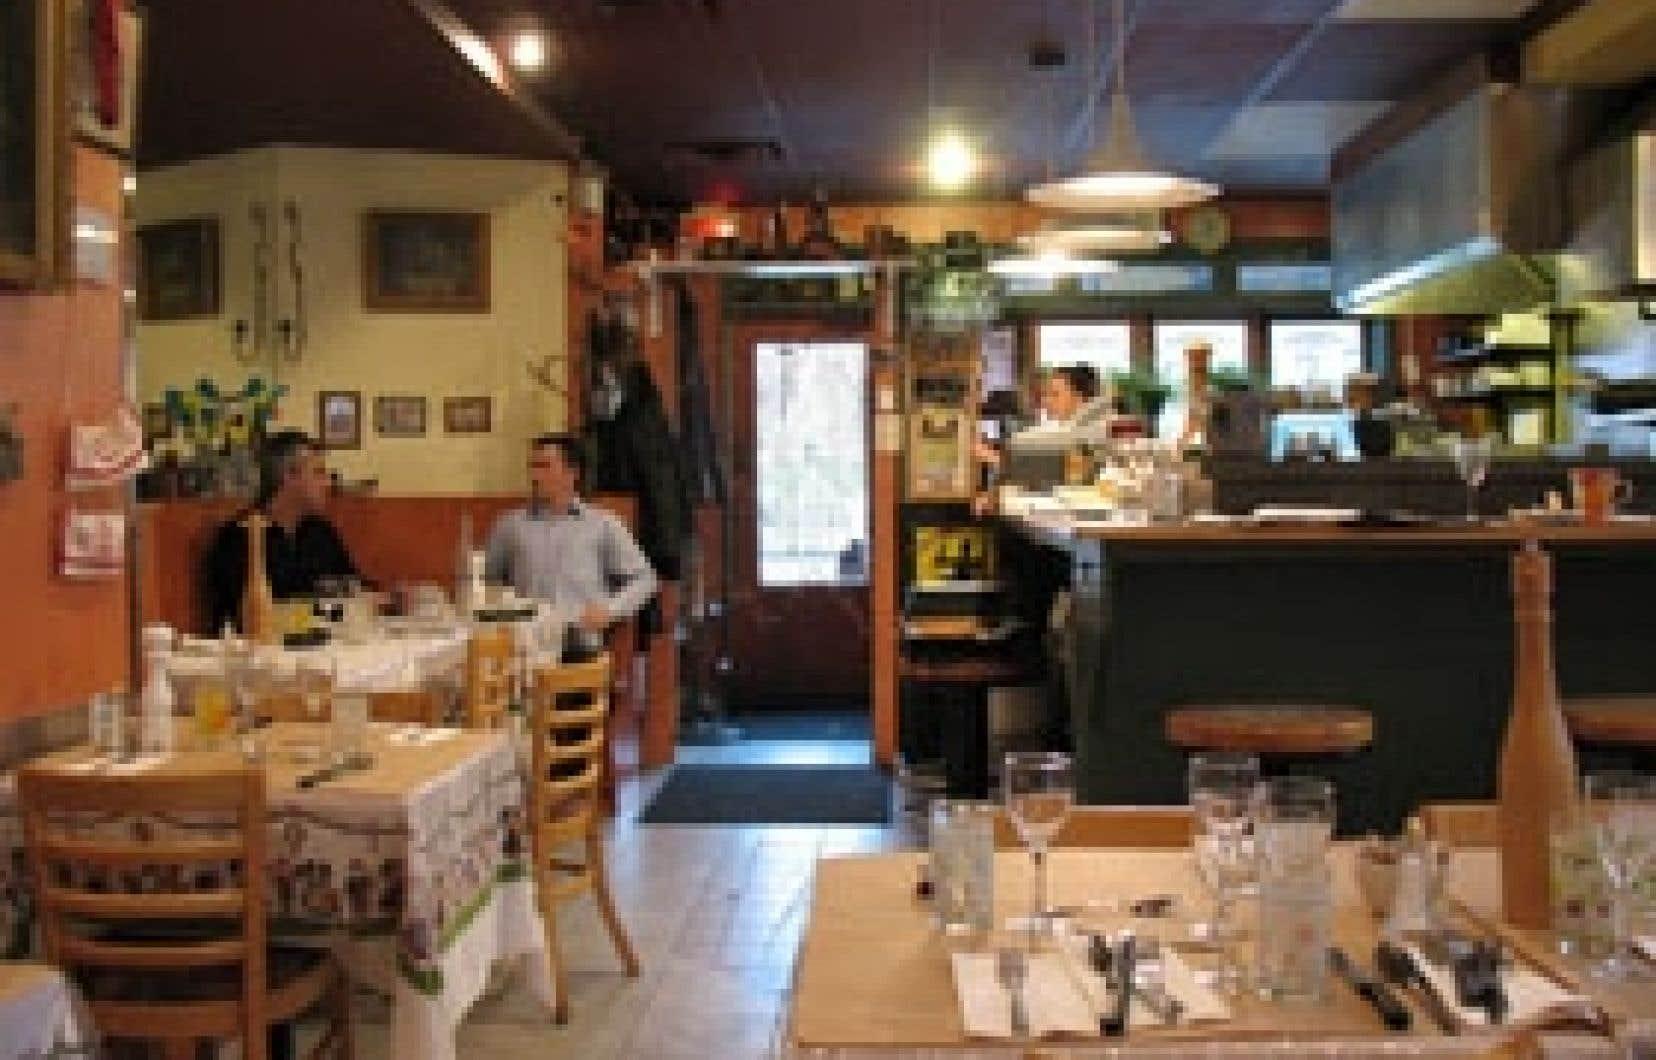 La cuisine fran aise du quotidien le devoir - Les cuisines francaises ...